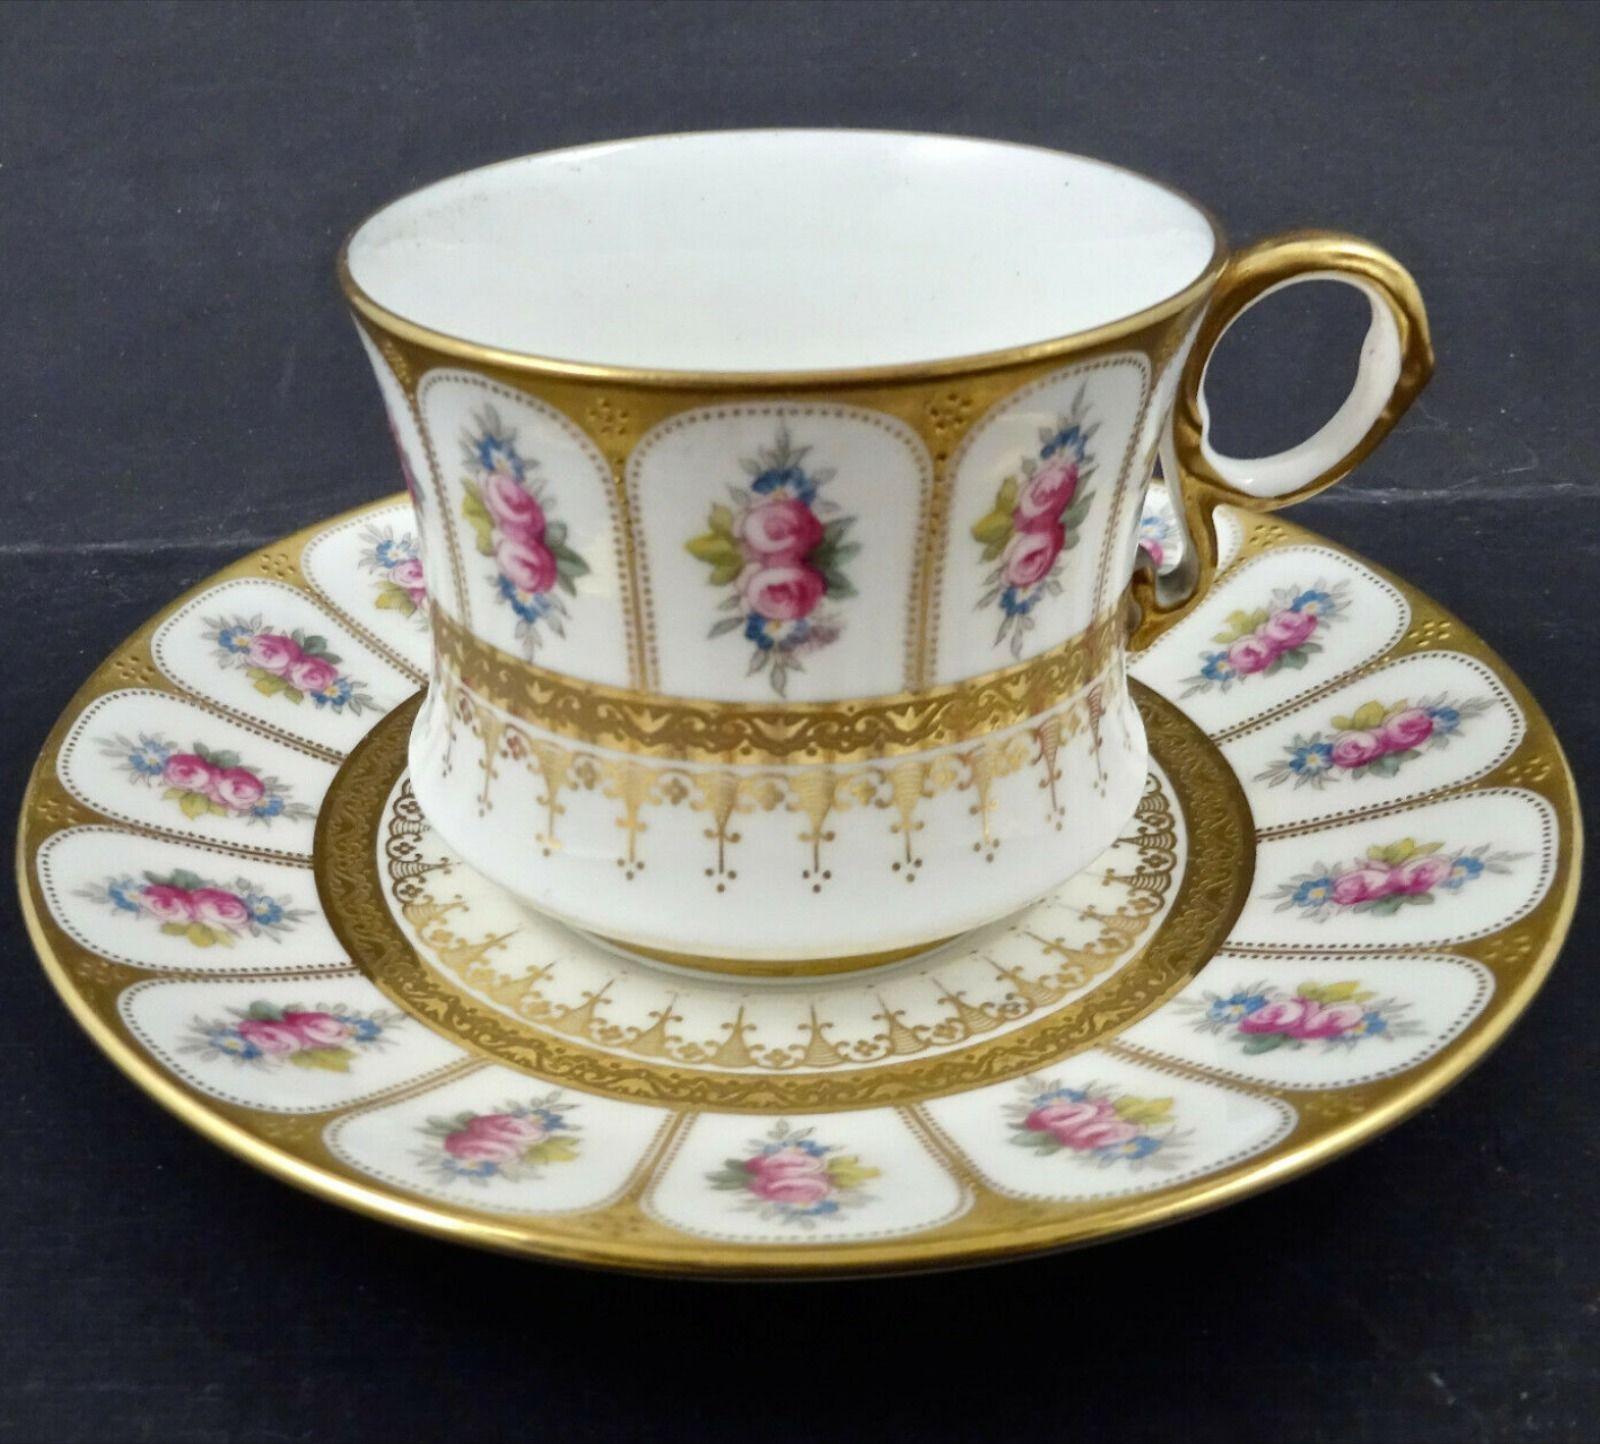 Antique Cauldon Tea Cup Saucer In 2020 Tea Cups Antique Tea Cups Tea